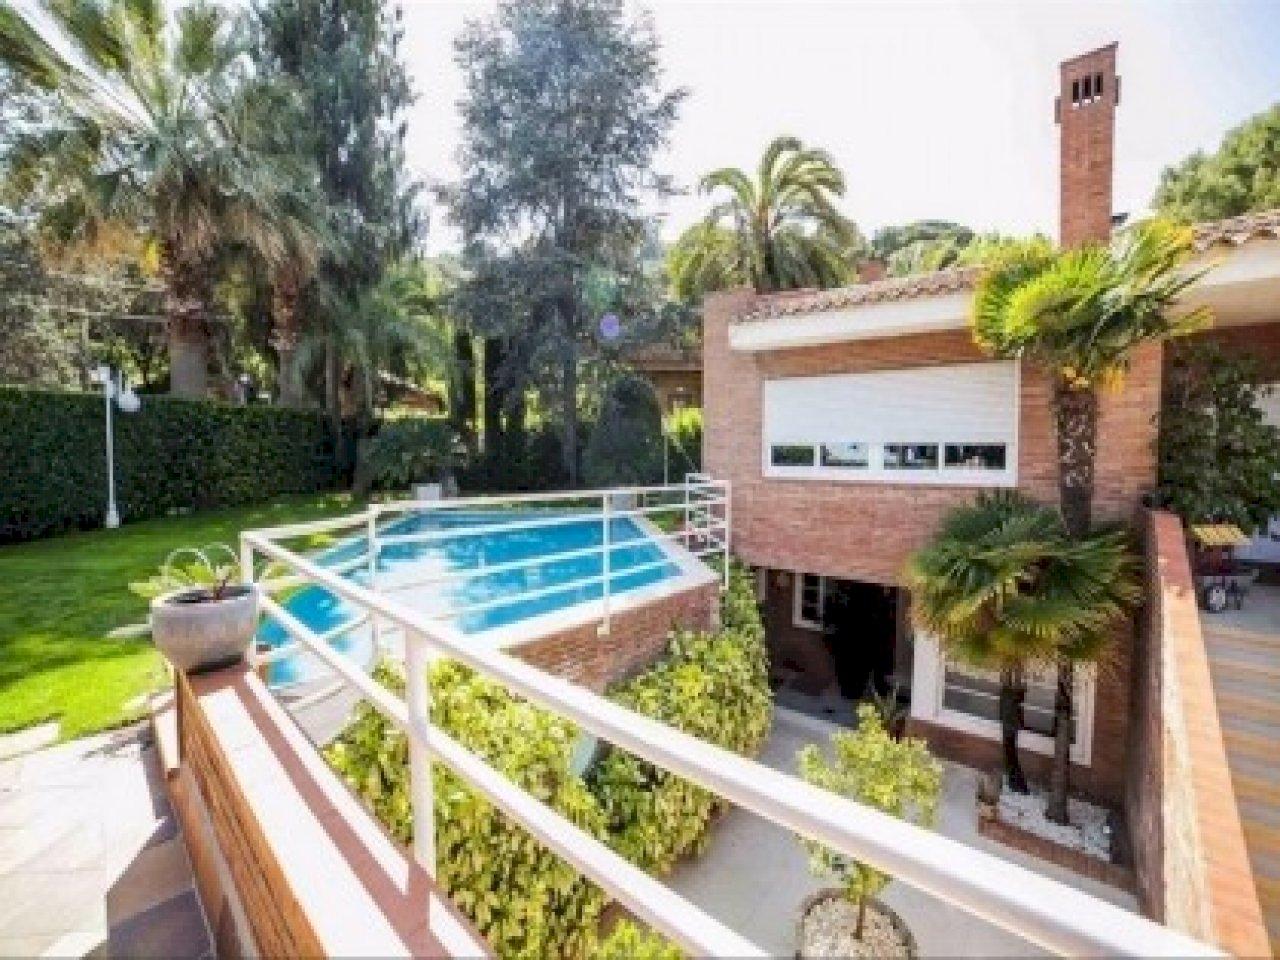 Дом площадью 400 м2 с детской площадкой в Кабрильсе | 14-lusa-villa-cabrils-15-420x280-jpg